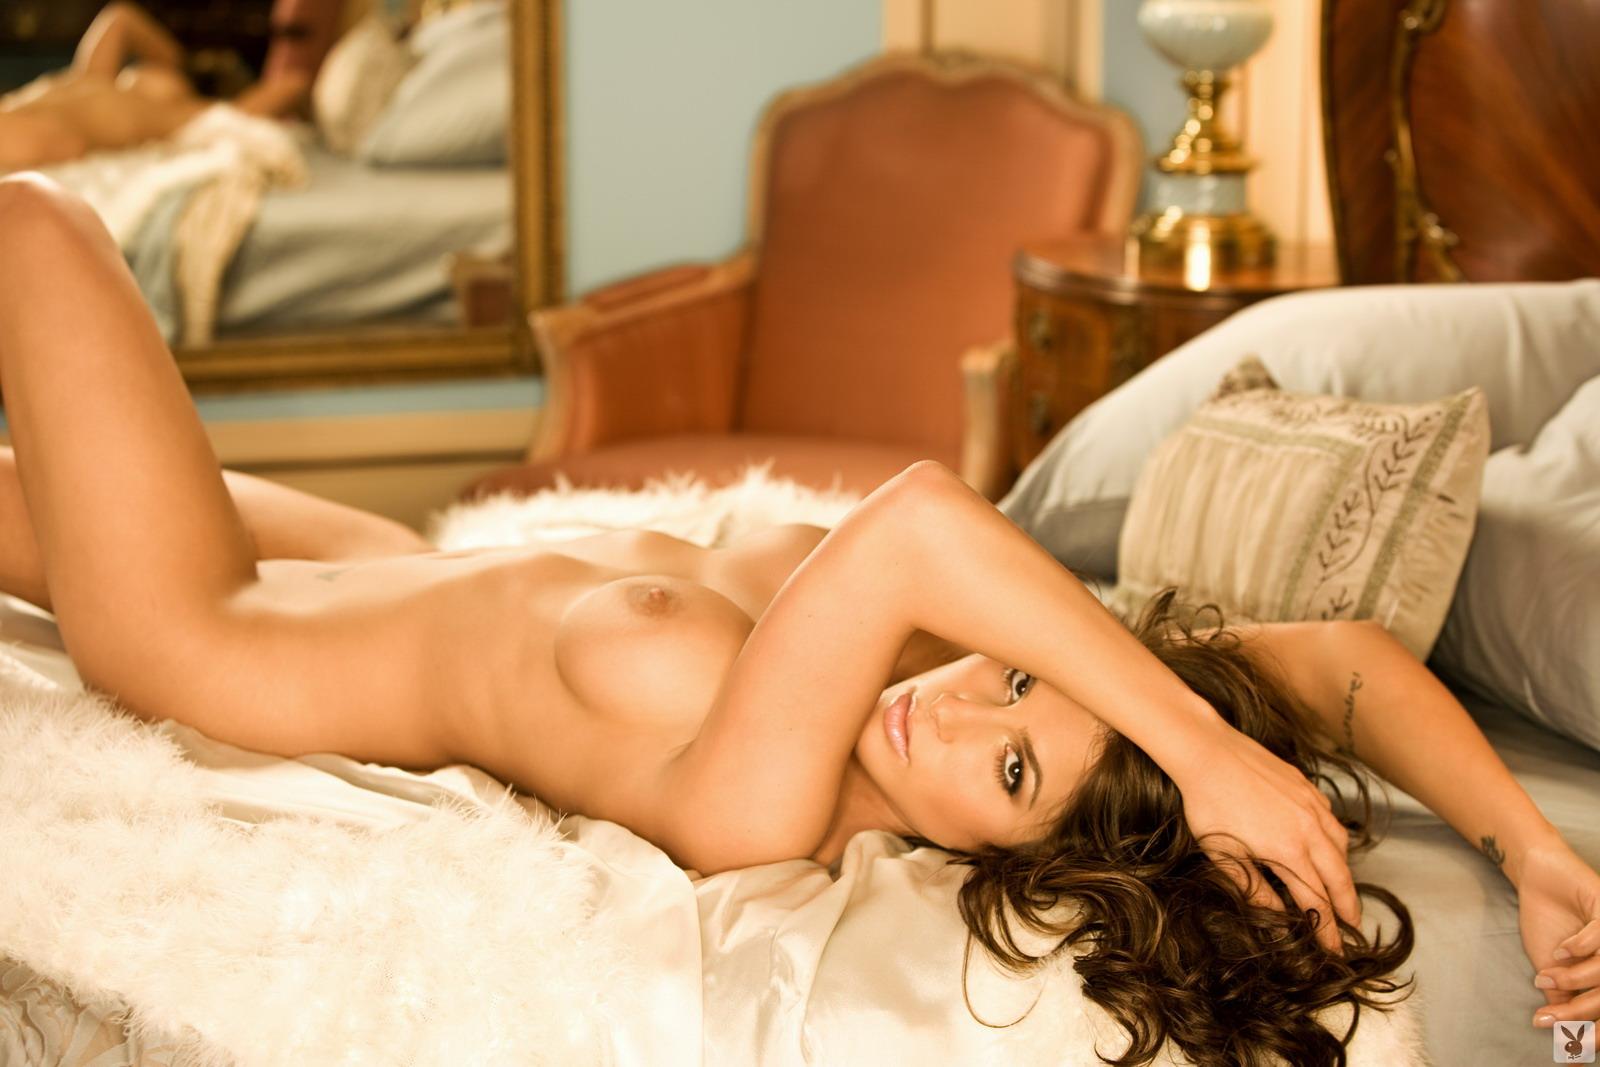 Ashley dupre breasts